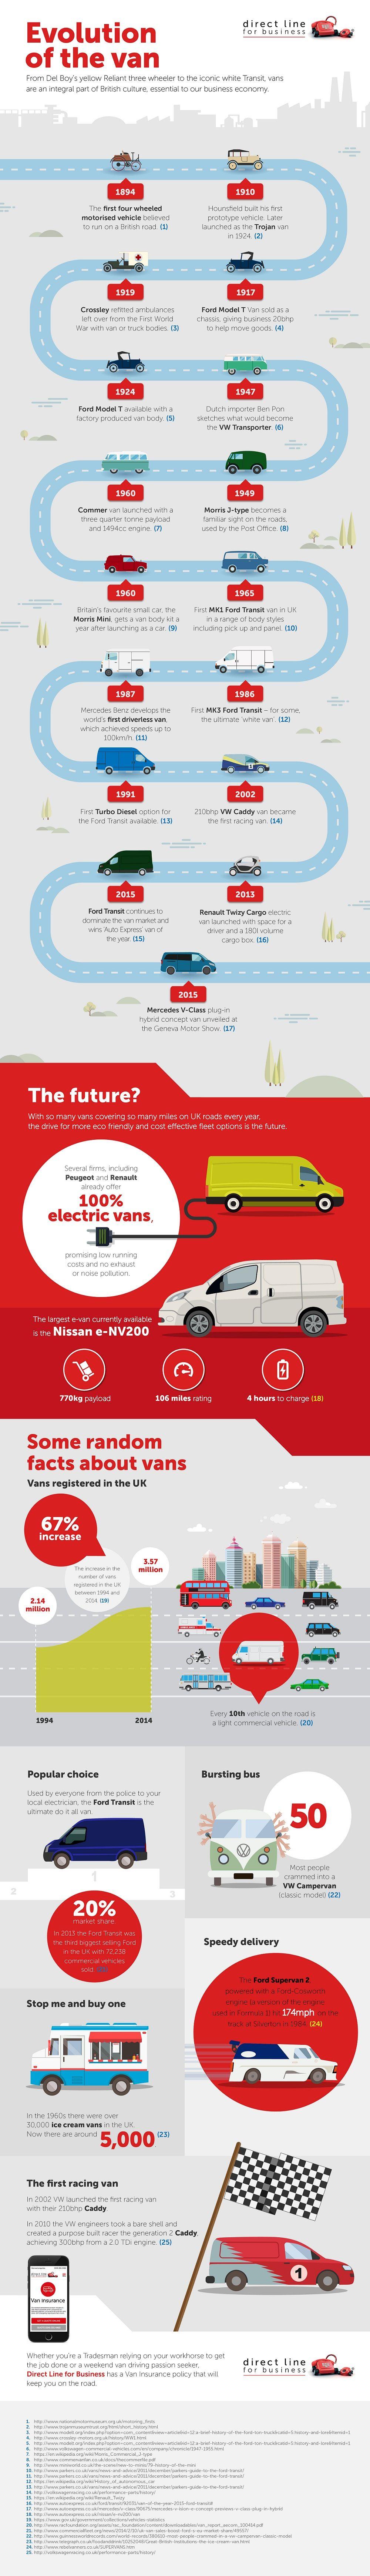 Evolution of the Van